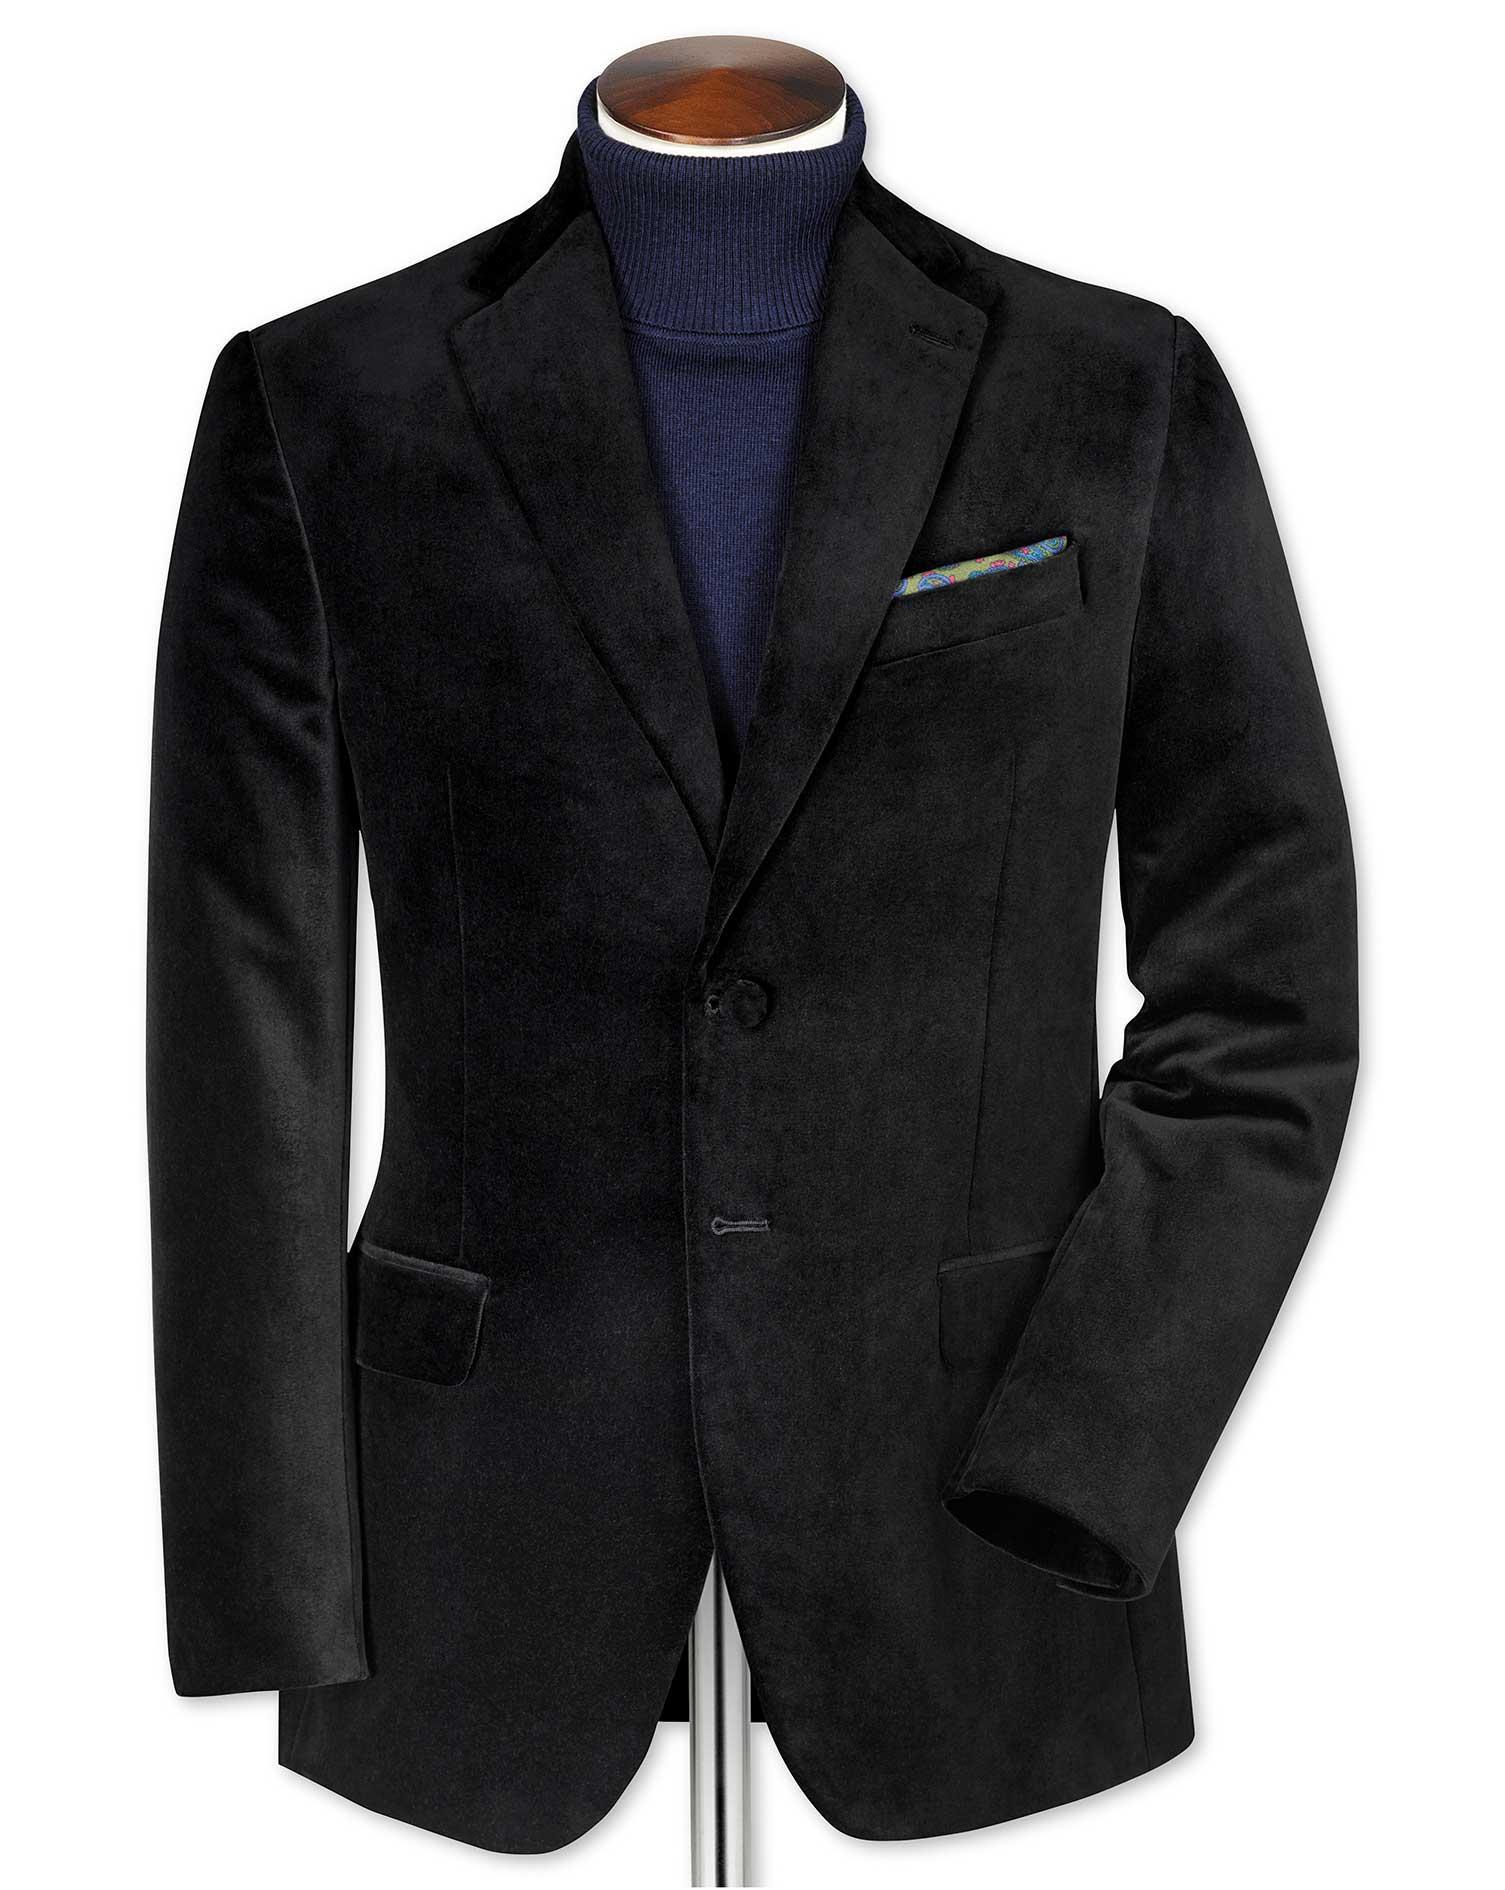 Slim Fit Black Velvet Cotton Blazer Size 40 Regular by Charles Tyrwhitt